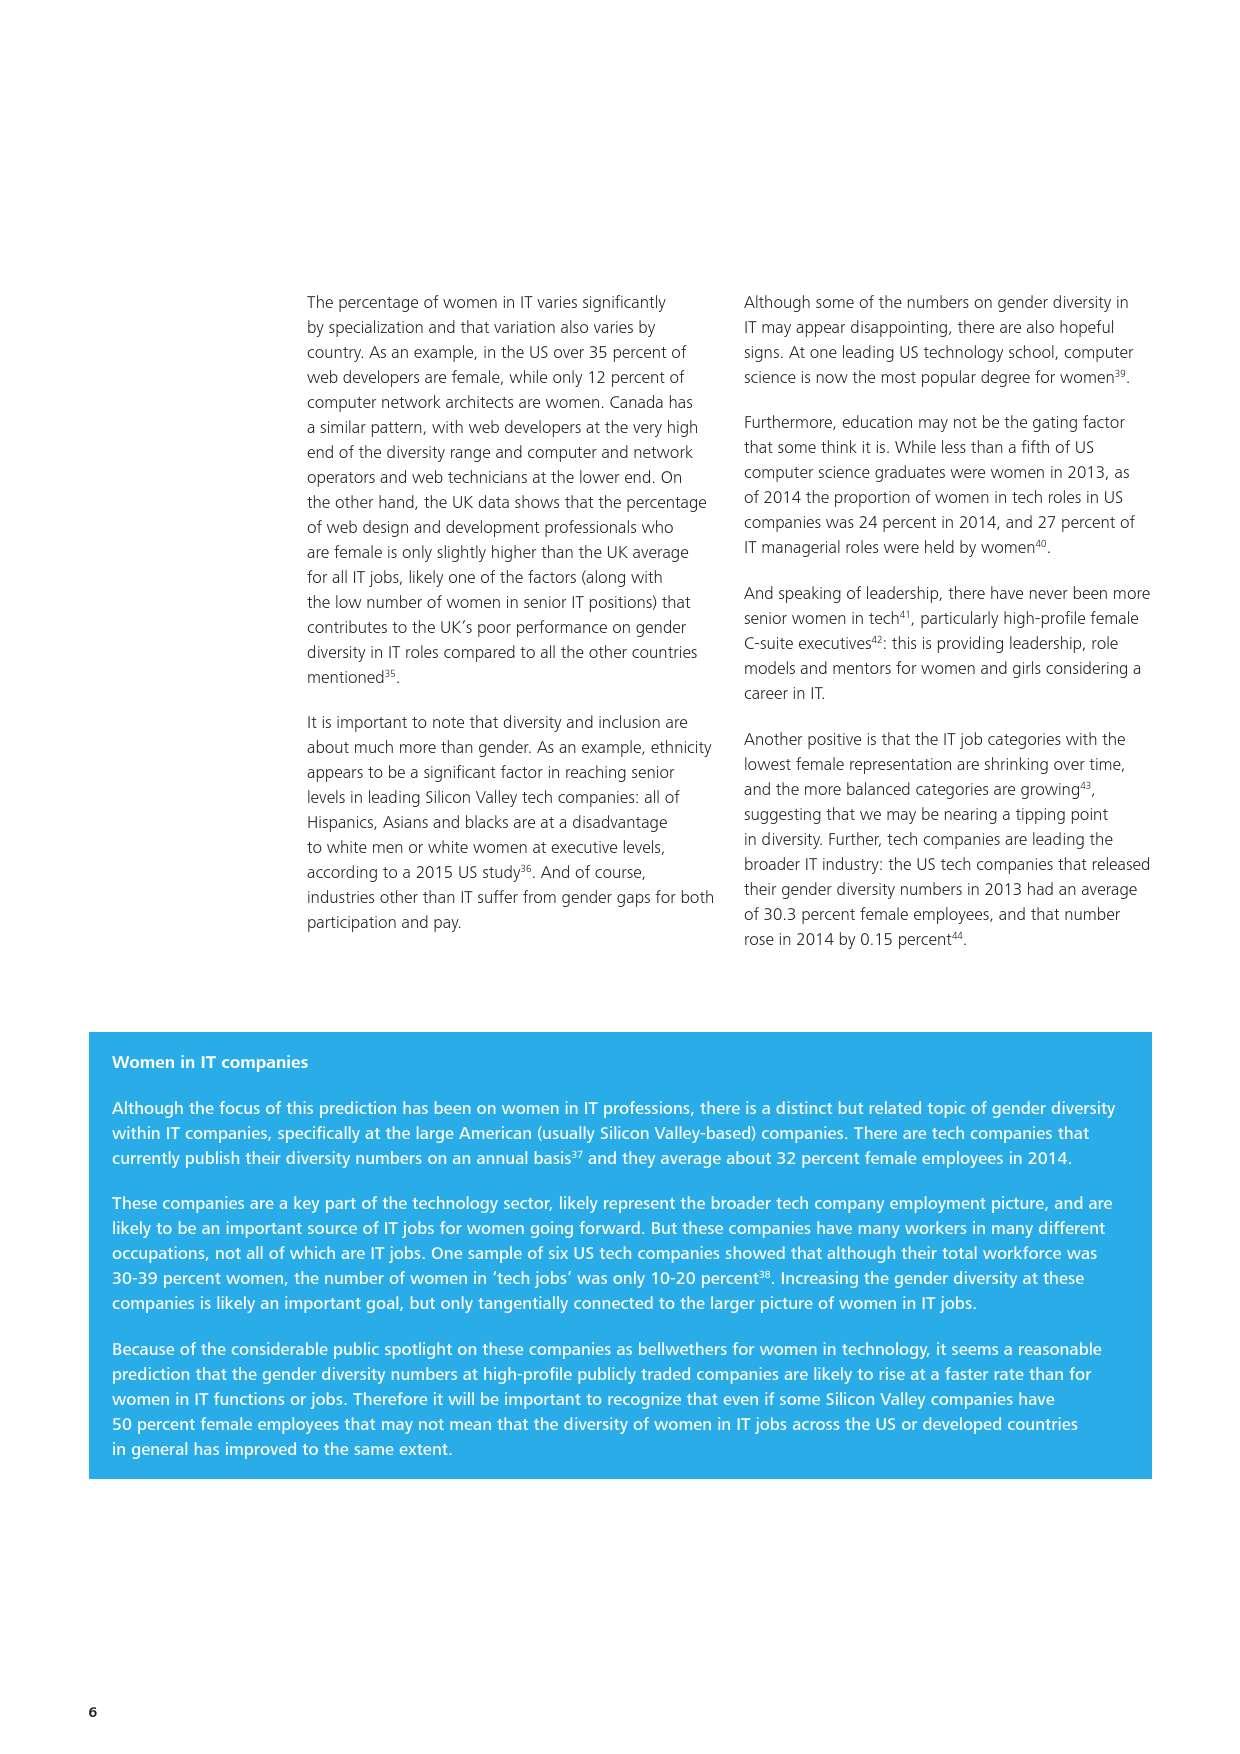 德勤:2016科技、传媒和电信行业预测_000008